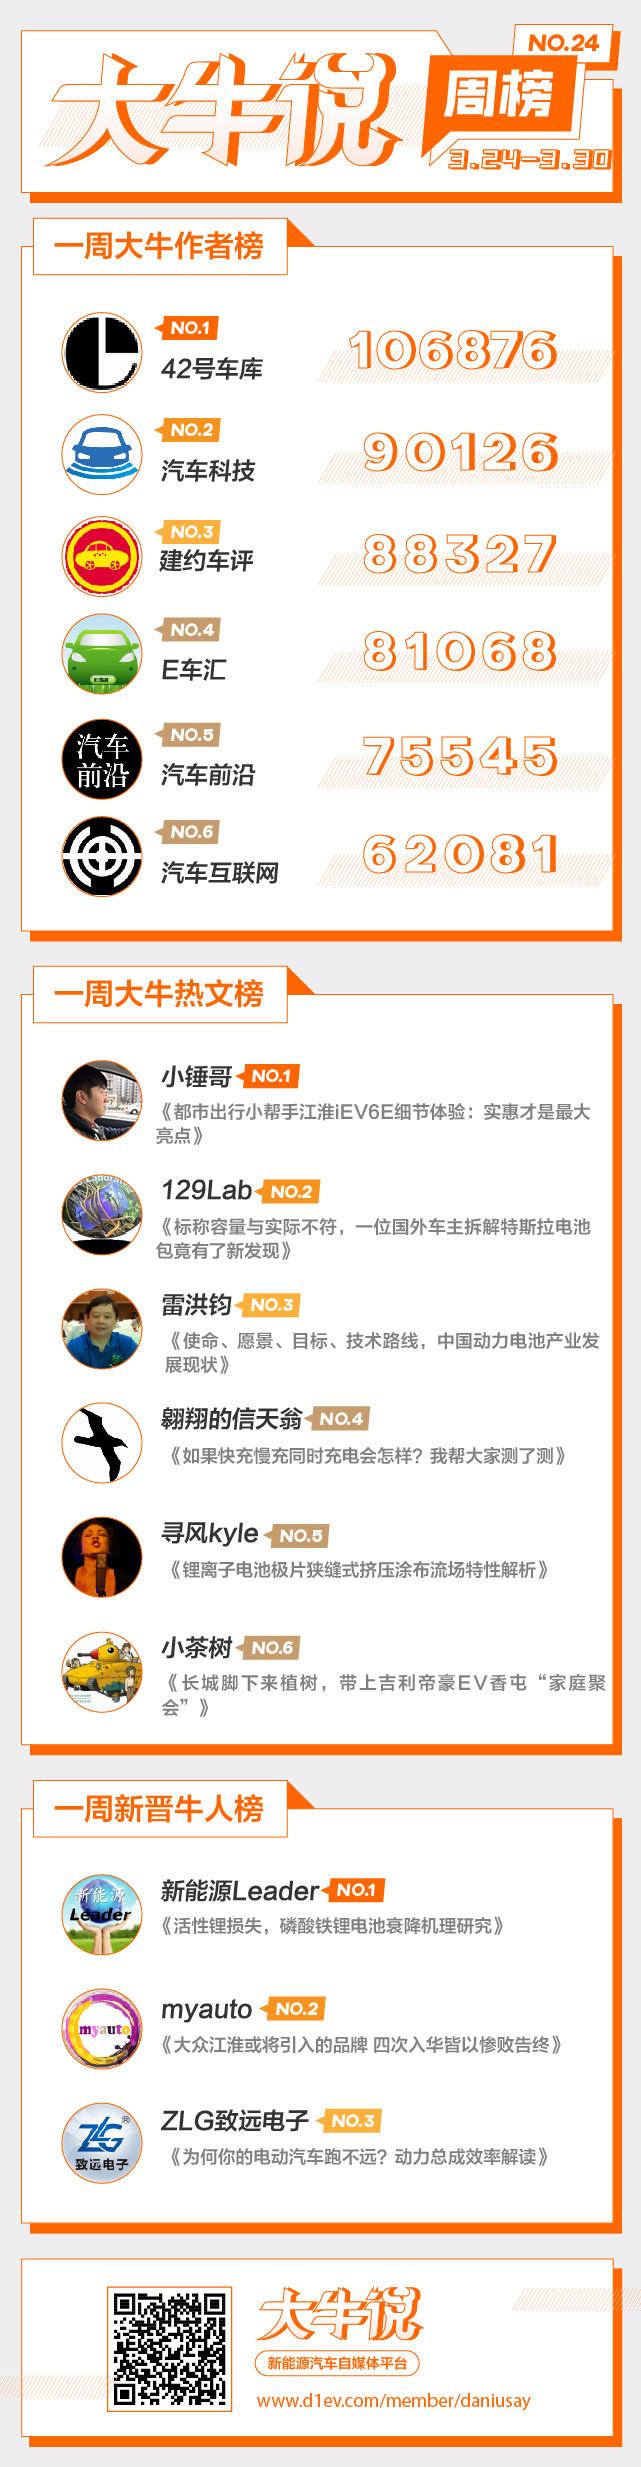 第一电动网3月23日-30日大牛说榜单揭晓,期待你加入